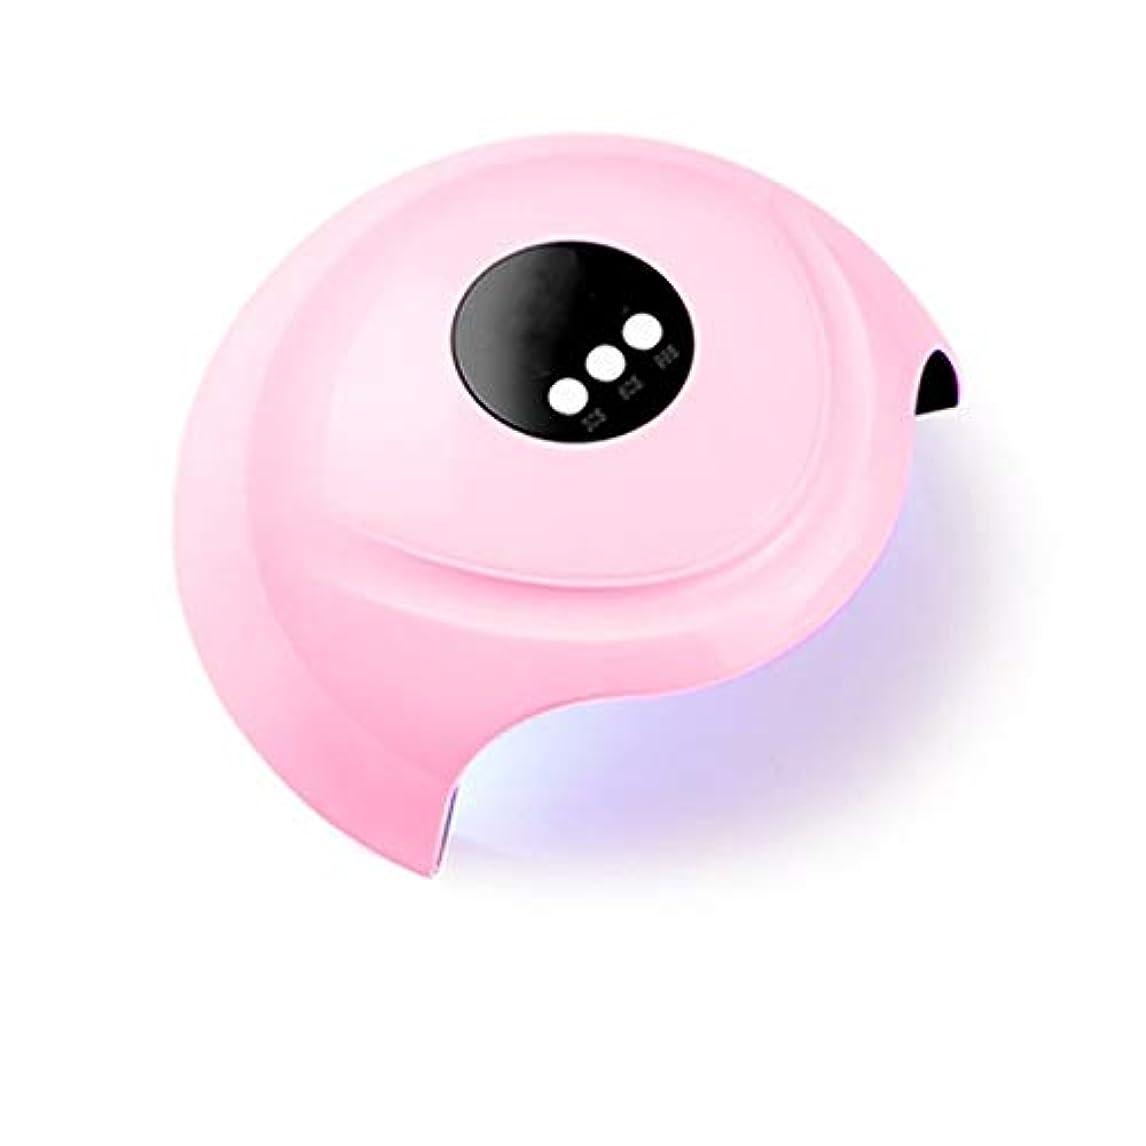 磁石議題重量LittleCat スマートセンサ36WランプLED / UVライトセラピーランプ3ギヤ自動時限ヒートランプUSBポーランドガムネイル (色 : Pink sensorless LCD)